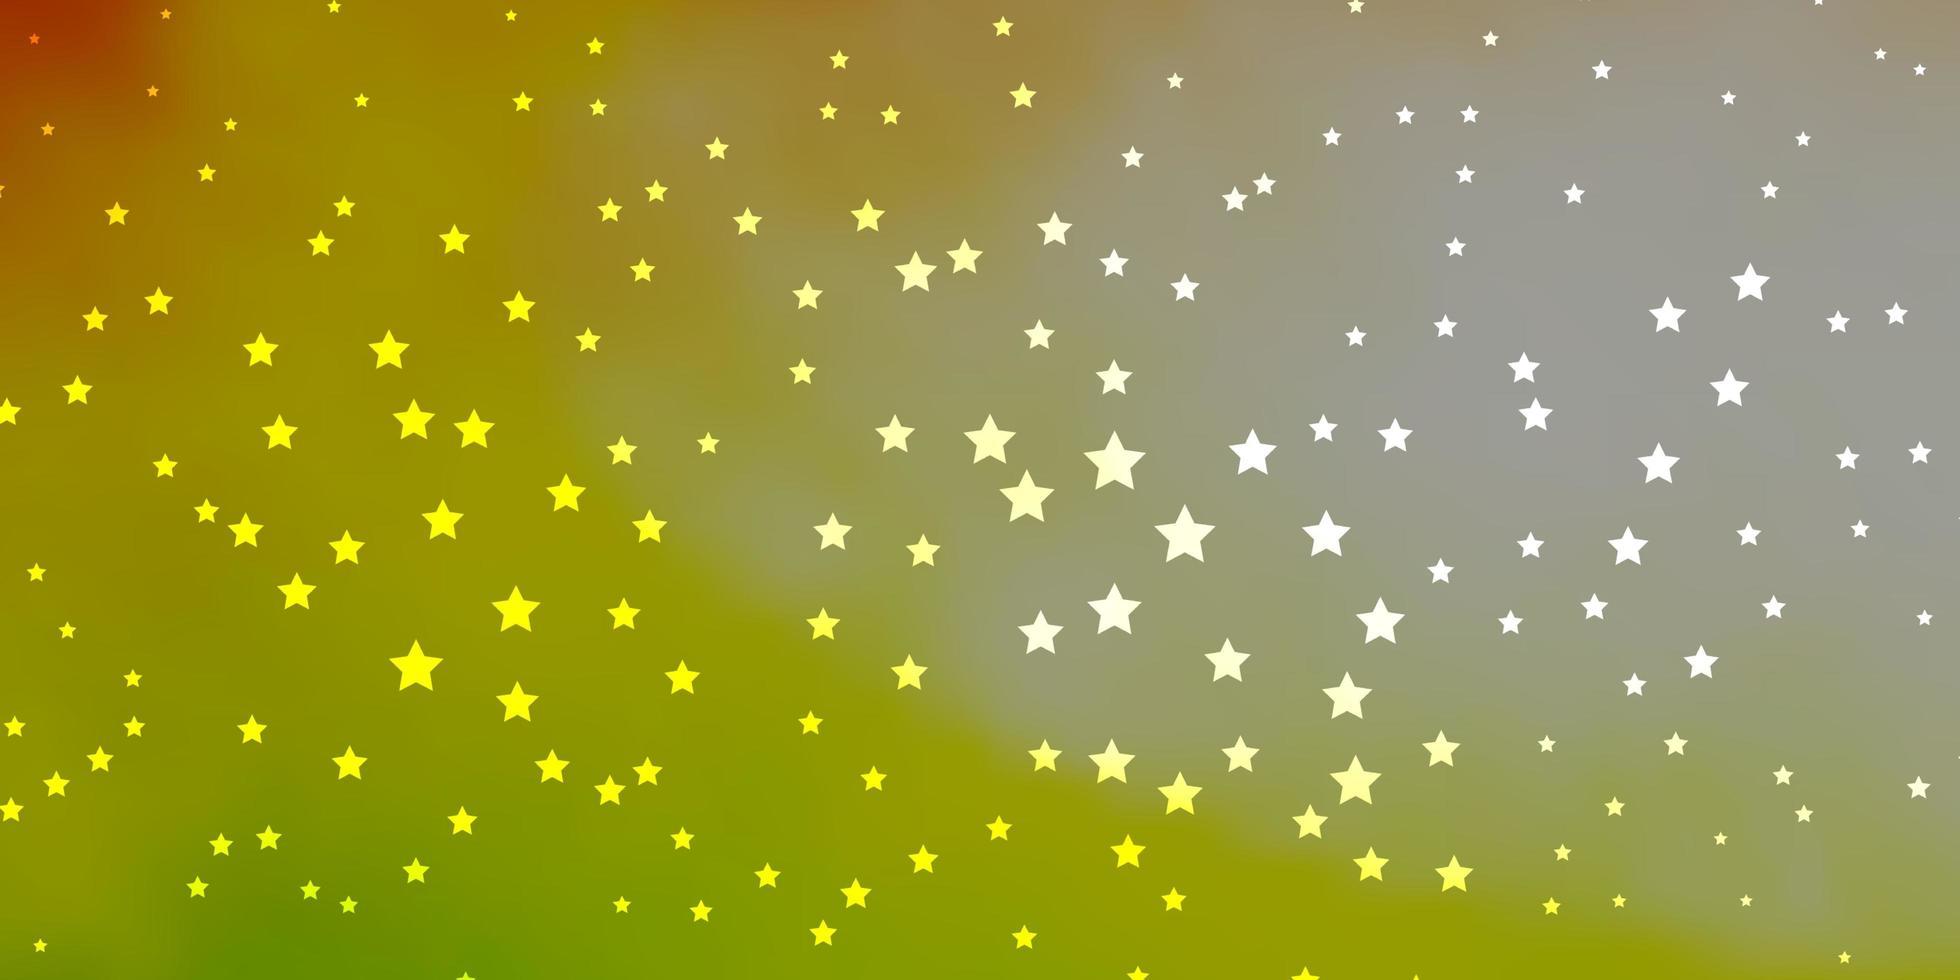 mörkgrönt och rött mönster med abstrakta stjärnor vektor